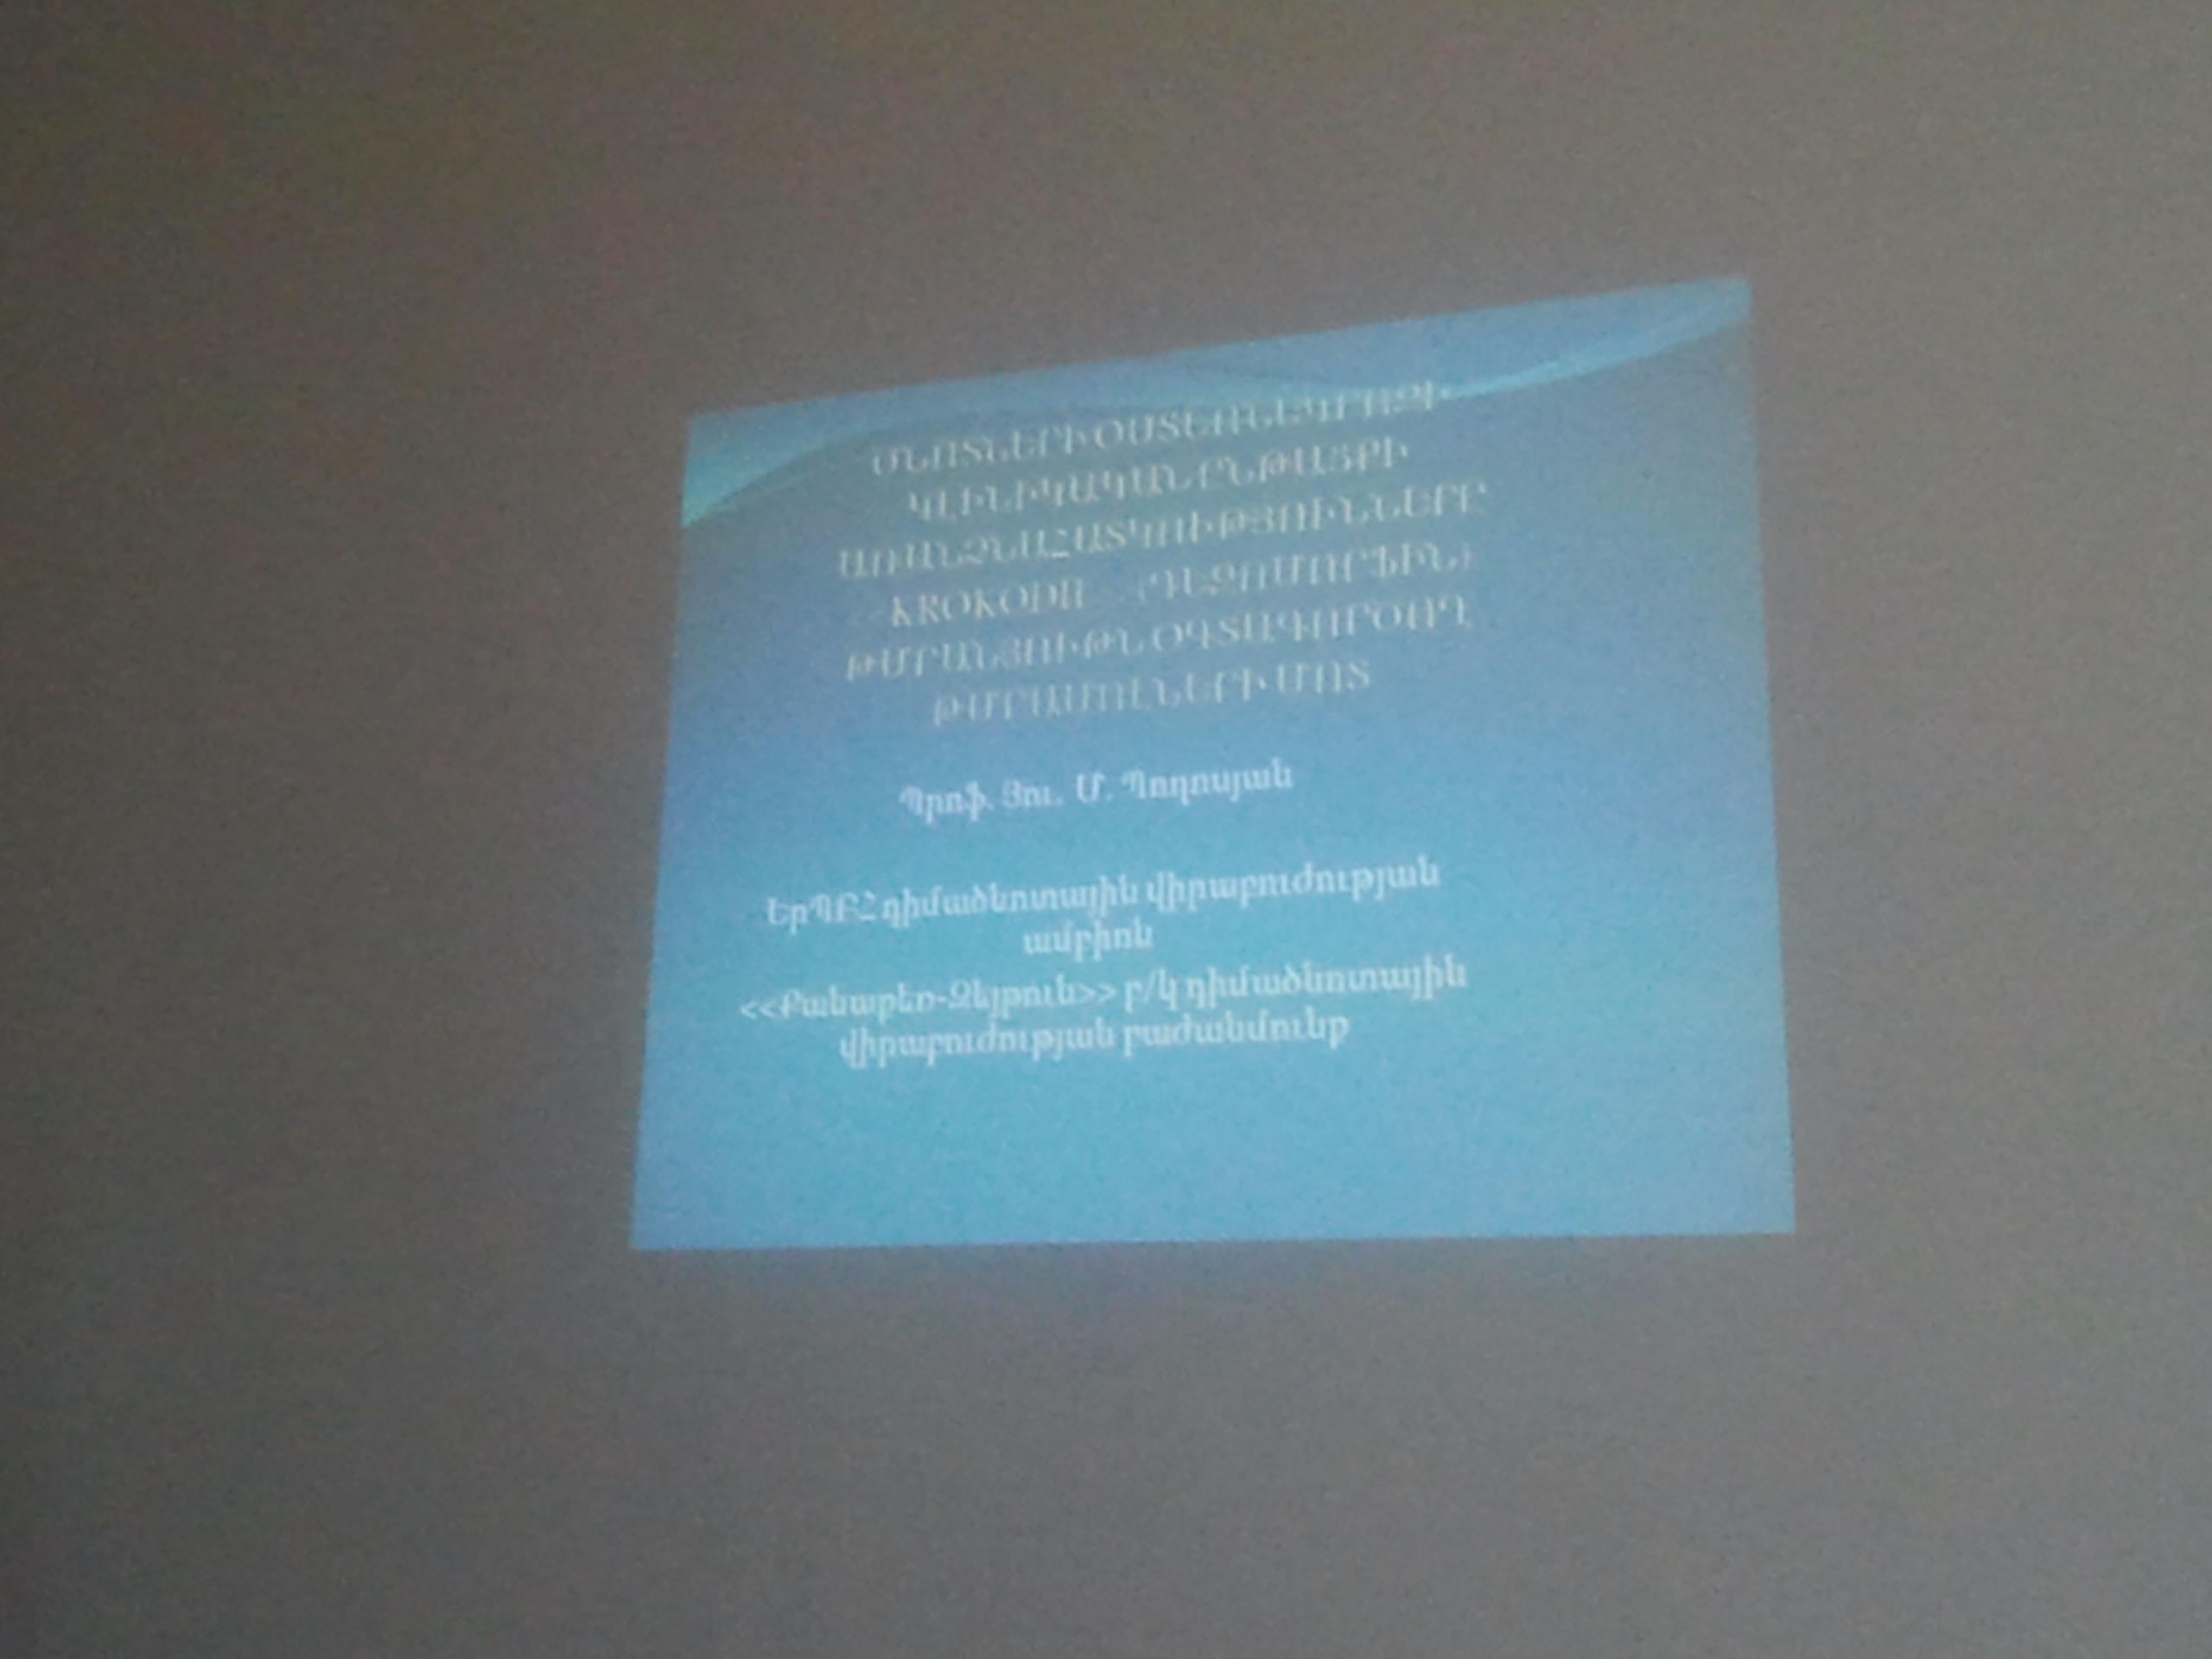 25.05.13 Դիմածնոտային Կոնֆերանս